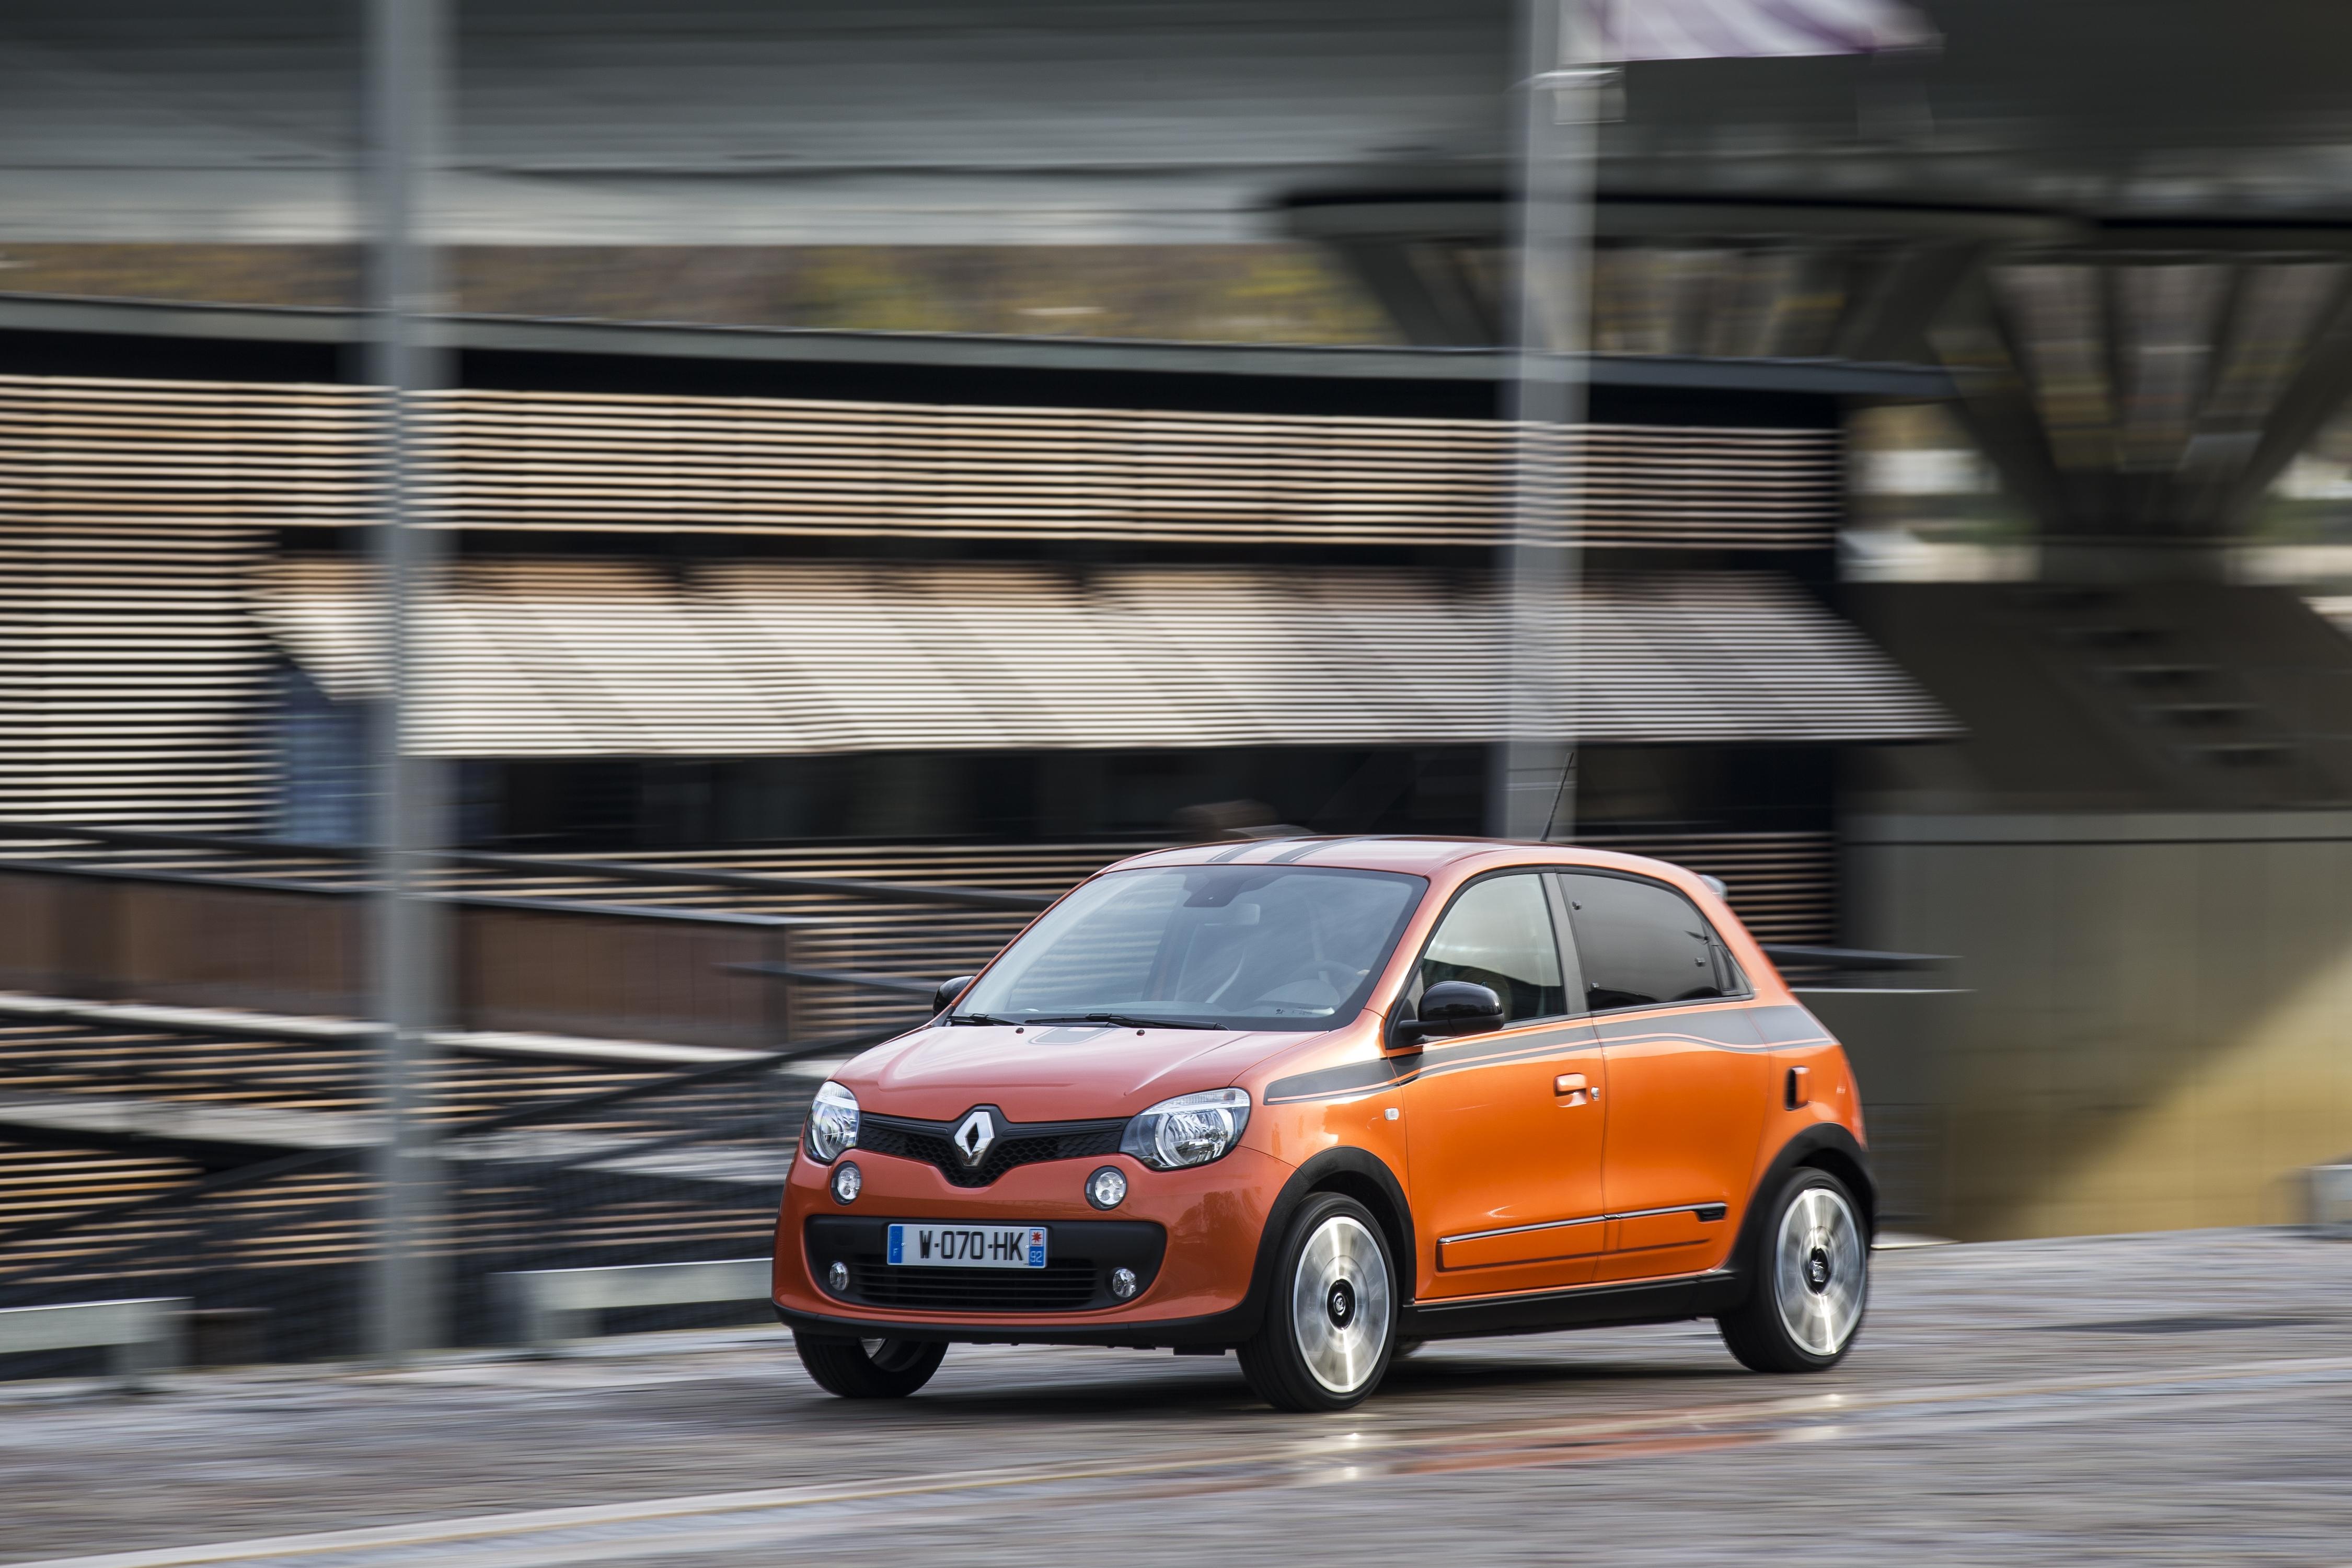 Essai vidéo - Renault Twingo GT : faute de grives